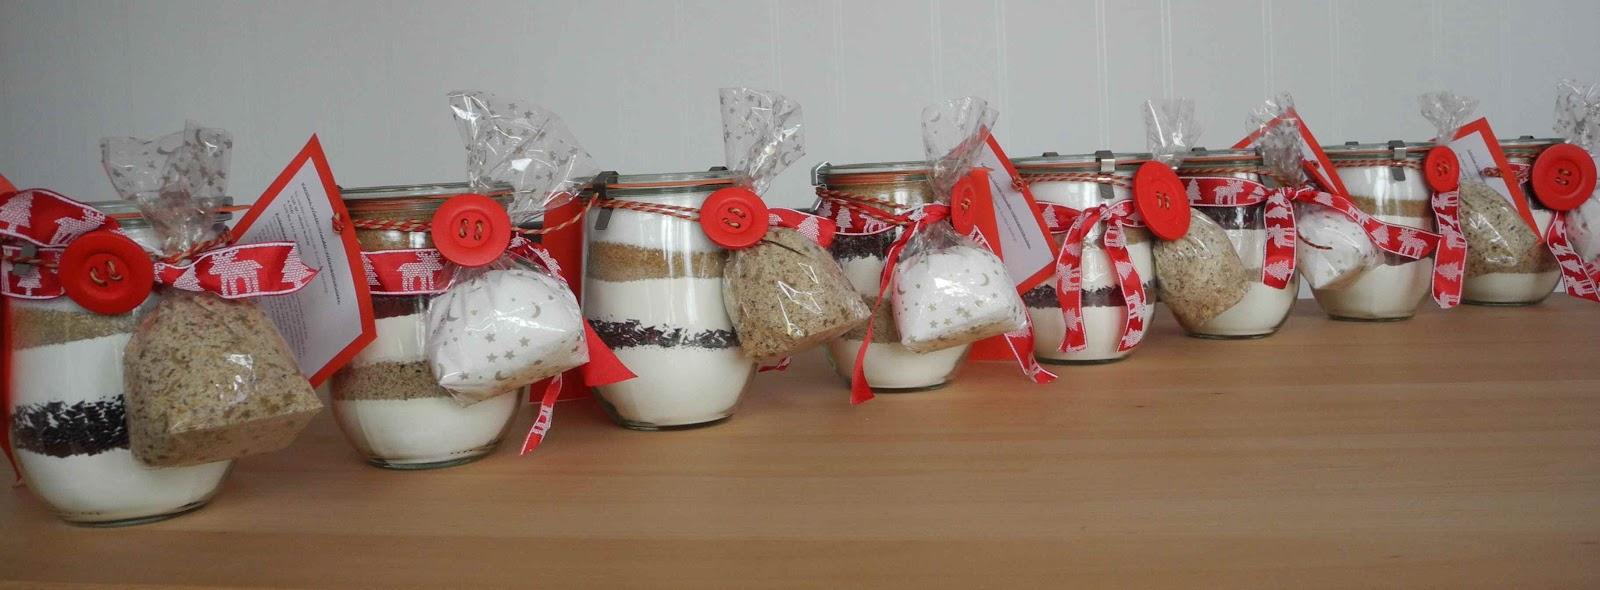 Kleine kuchen geschenke